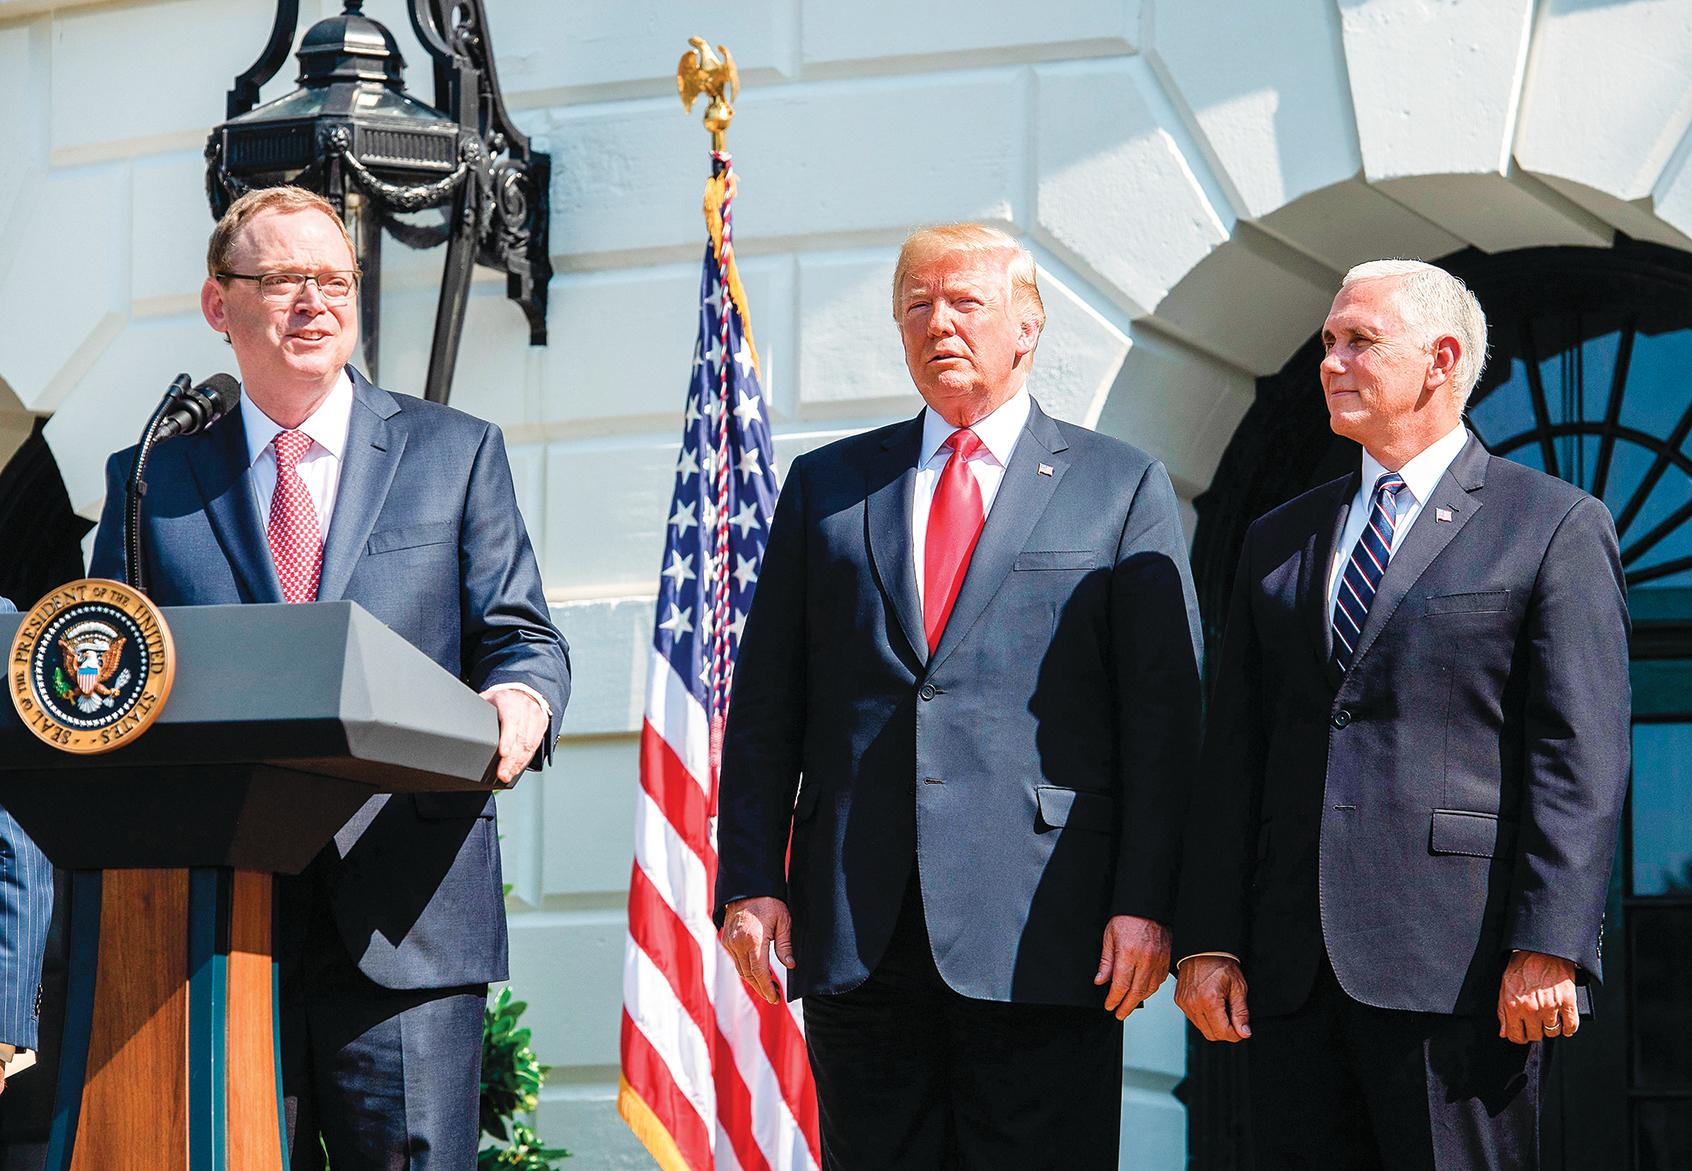 白宮經濟顧問委員會主席哈賽特(左),在今年7月白宮的一個關於美國經濟的記者會上講話。(AFP)